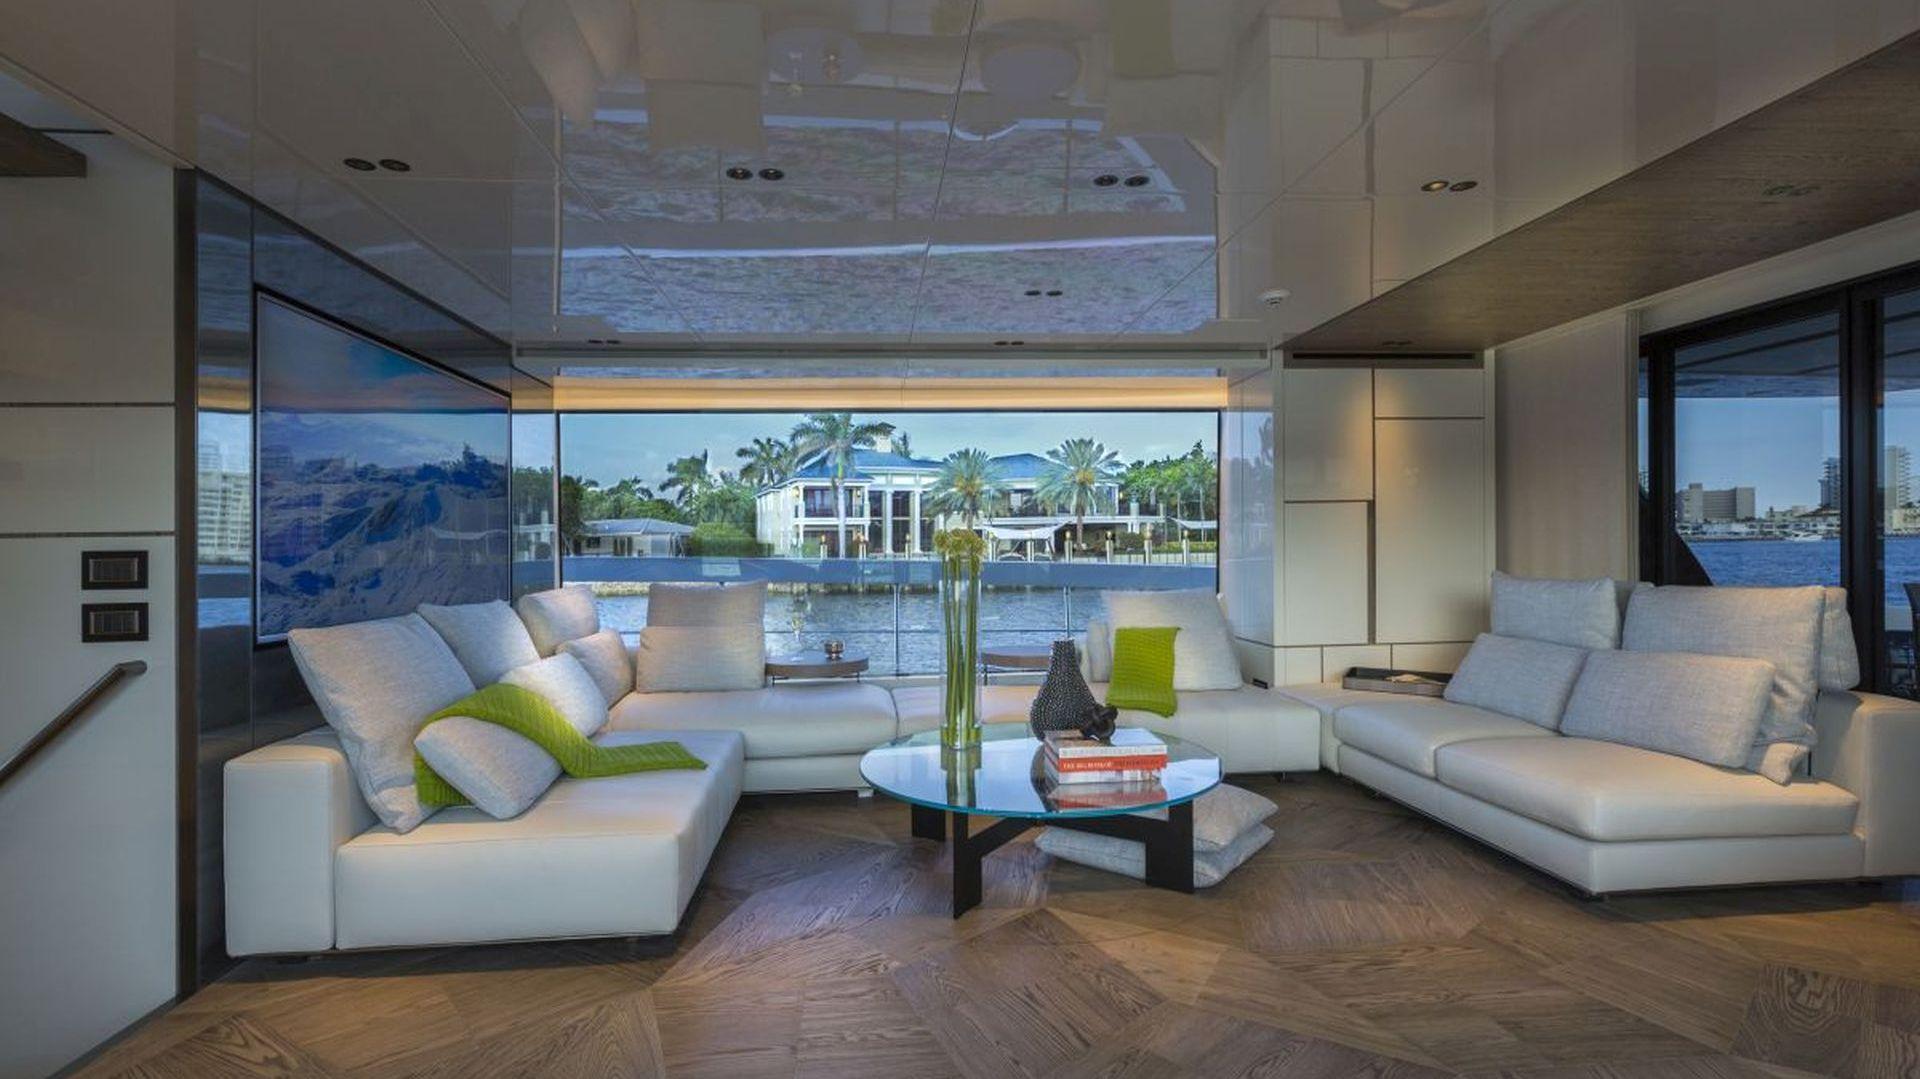 Jacht San Lorenzo uosabia nowoczesną definicję piękna, w którym innowacja spotyka się z kultowym designem. Projekt: Marty Lowe Interior Design. Fot. mat. prasowe Listone Giordano